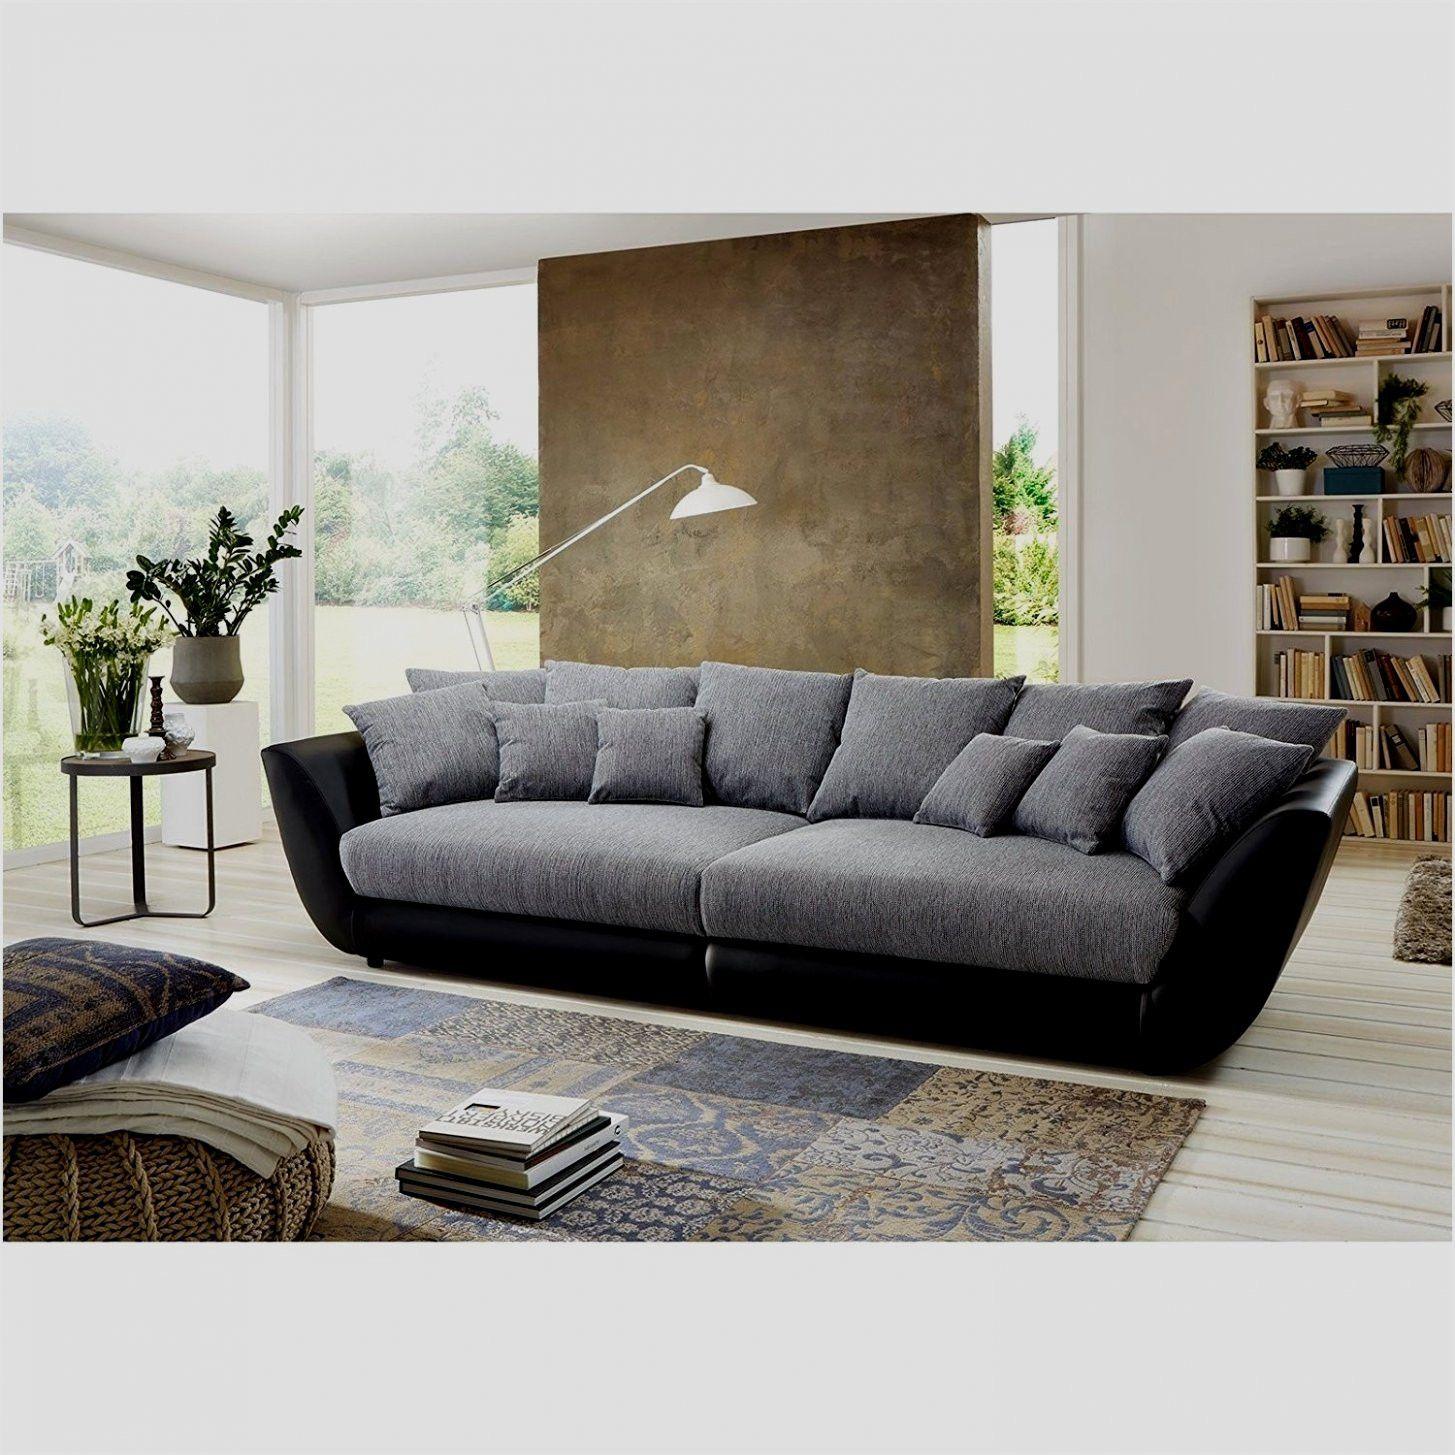 30 Large Living Room Furniture Dengan Gambar